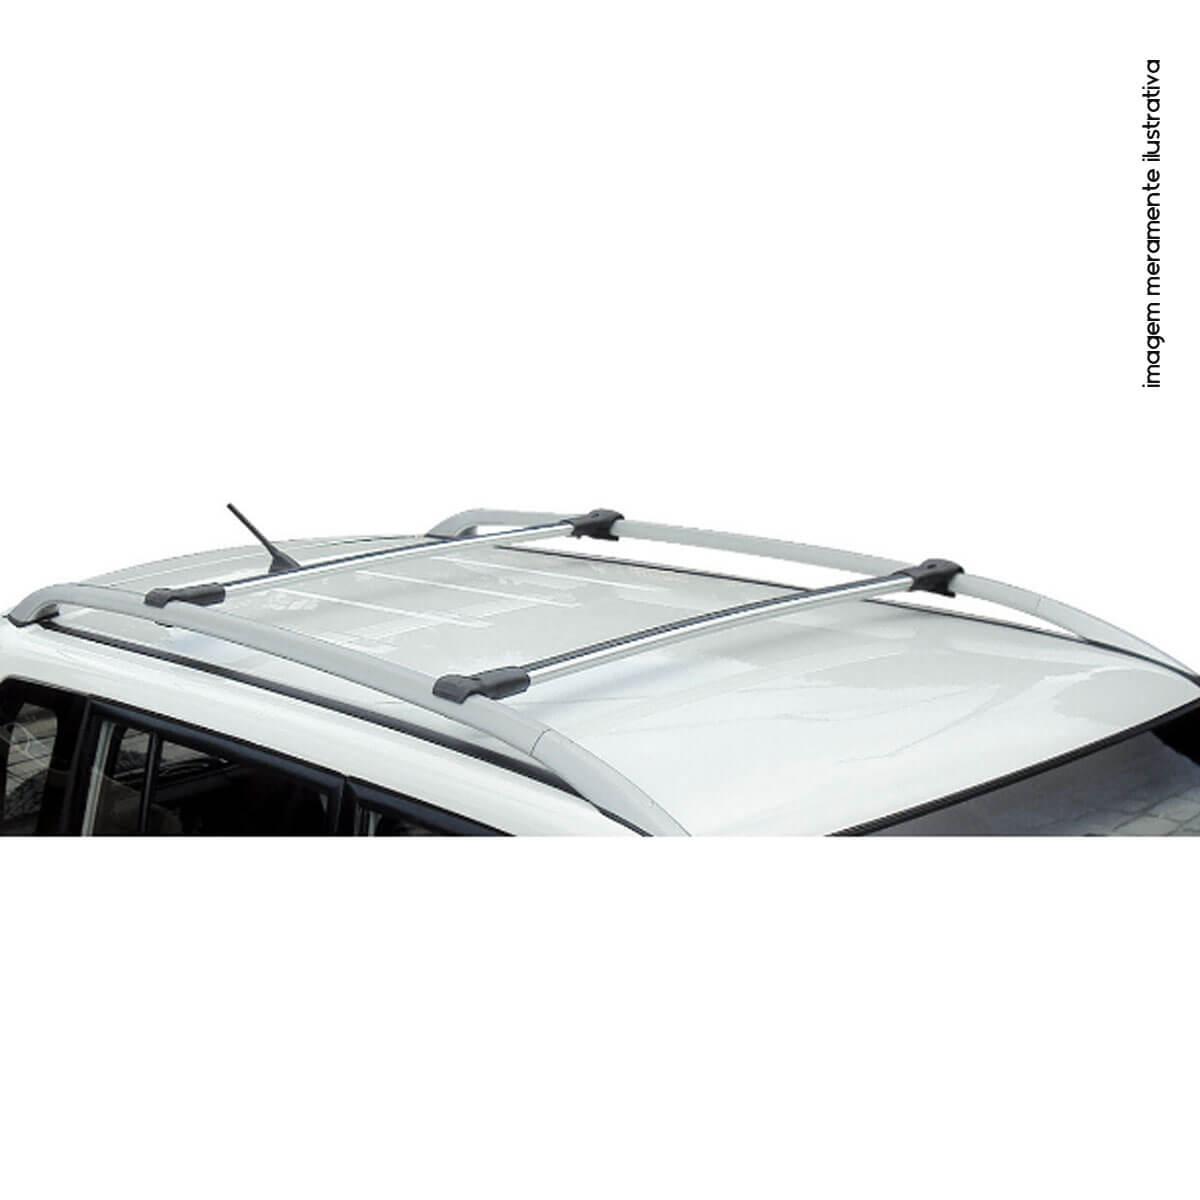 Travessa rack de teto larga alumínio Pajero TR4 2007 a 2009